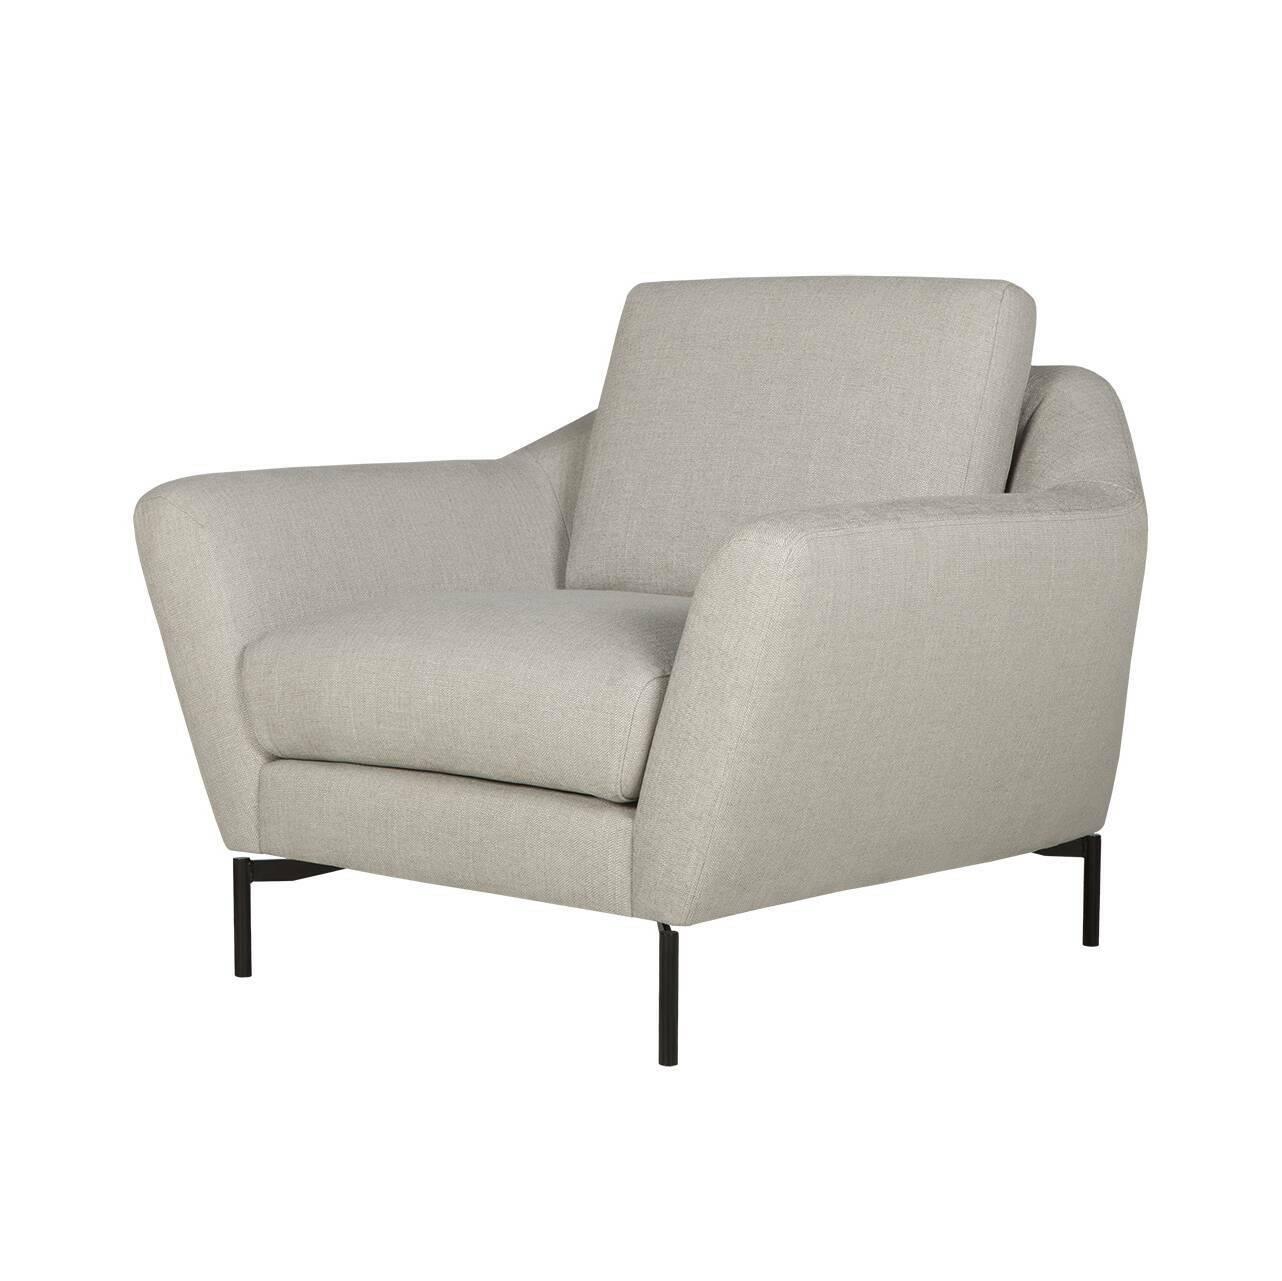 Кресло AgdaИнтерьерные<br>Дизайнерское комфортное классическое кресло Agda (Эгда) от Sits (Ситс).<br><br>Оригинальное кресло Agda имеет невероятно удобную, анатомическую форму подлокотников и подушек, что позволит вам прекрасно отдохнуть в нем даже в рабочее время. Благодаря своим размерам кресло отлично подойдет не только для просторных комнат, но и для небольших помещений, где создаст комфортную и теплую атмосферу.<br> <br> Дизайн кресла разработан для бренда Say Who двумя талантливыми дизайнерами Каспером Мельдгаром и Ни...<br><br>stock: 0<br>Высота: 84<br>Высота сиденья: 48<br>Ширина: 104<br>Глубина: 94<br>Цвет ножек: Черный<br>Материал обивки: Вискоза, Хлопок, Полиамид, Лен<br>Степень комфортности: Стандарт комфорт<br>Форма подлокотников: Стандарт<br>Коллекция ткани: Категория ткани IV<br>Тип материала обивки: Ткань<br>Тип материала ножек: Металл<br>Цвет обивки: Светло-серый